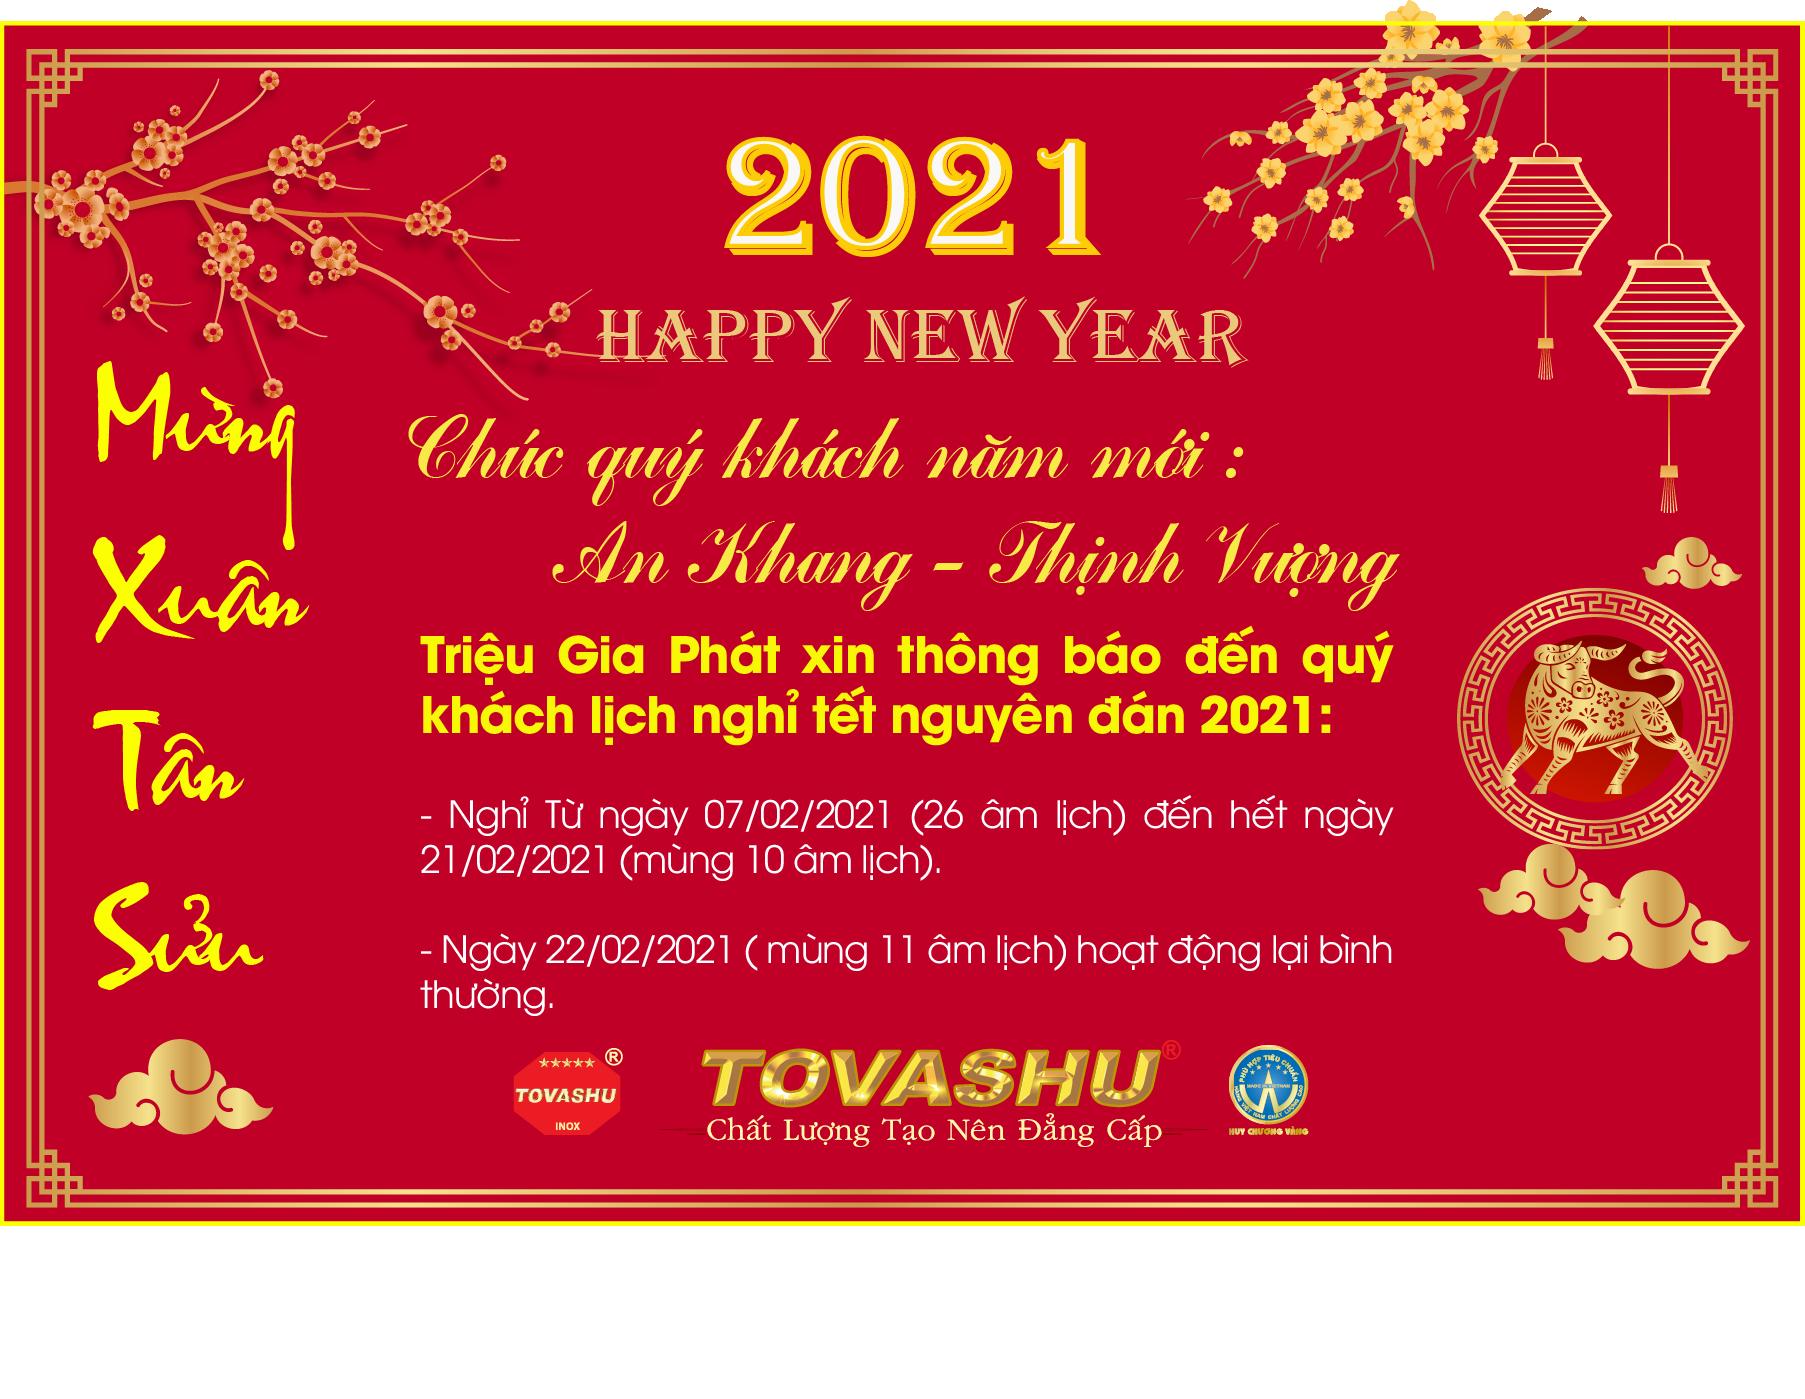 Thông báo tới quý khách hàng lịch nghỉ tết Tân Sửu 2021